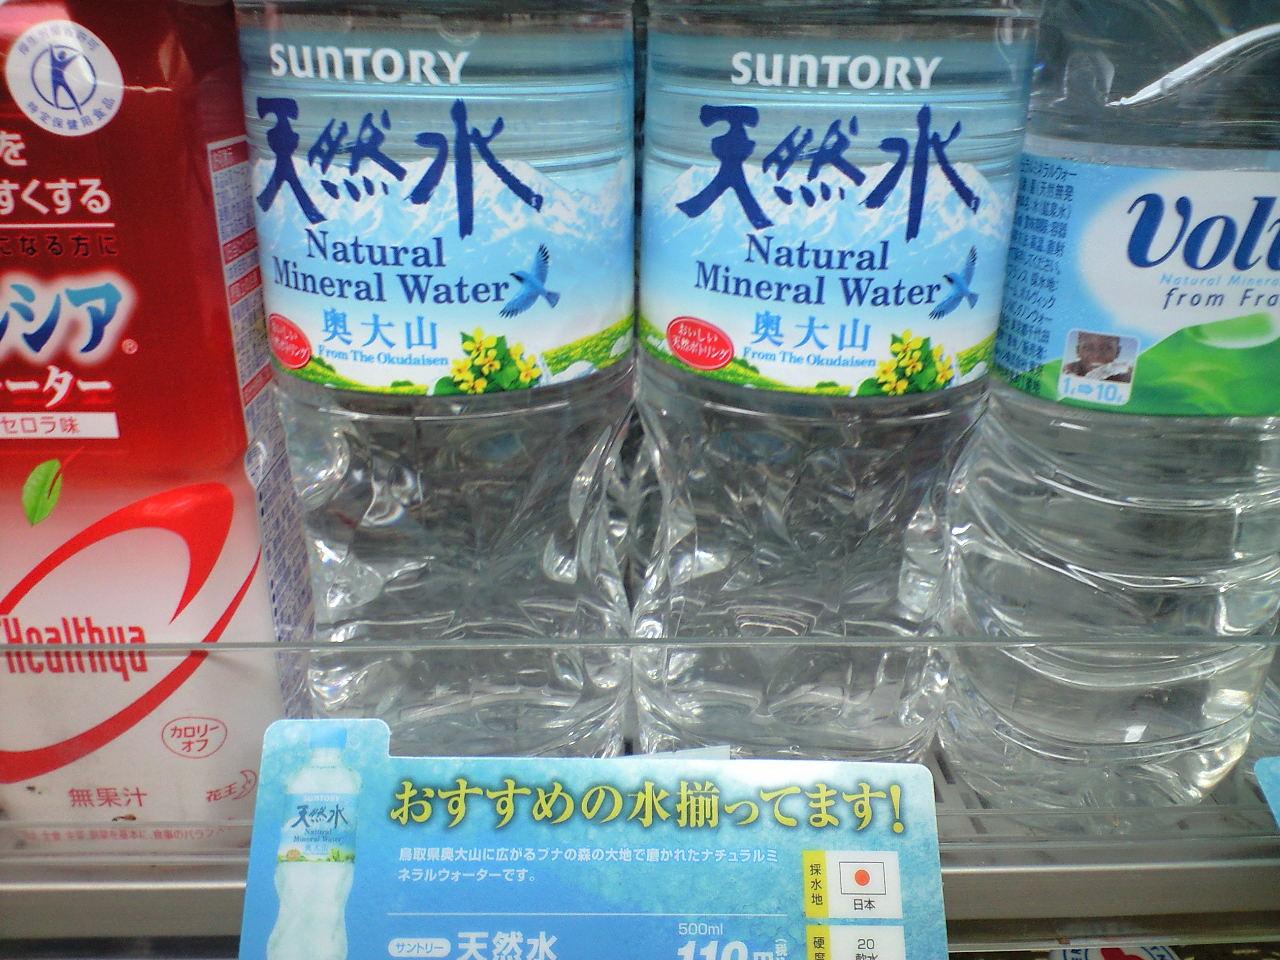 サントリー天然水の謎?